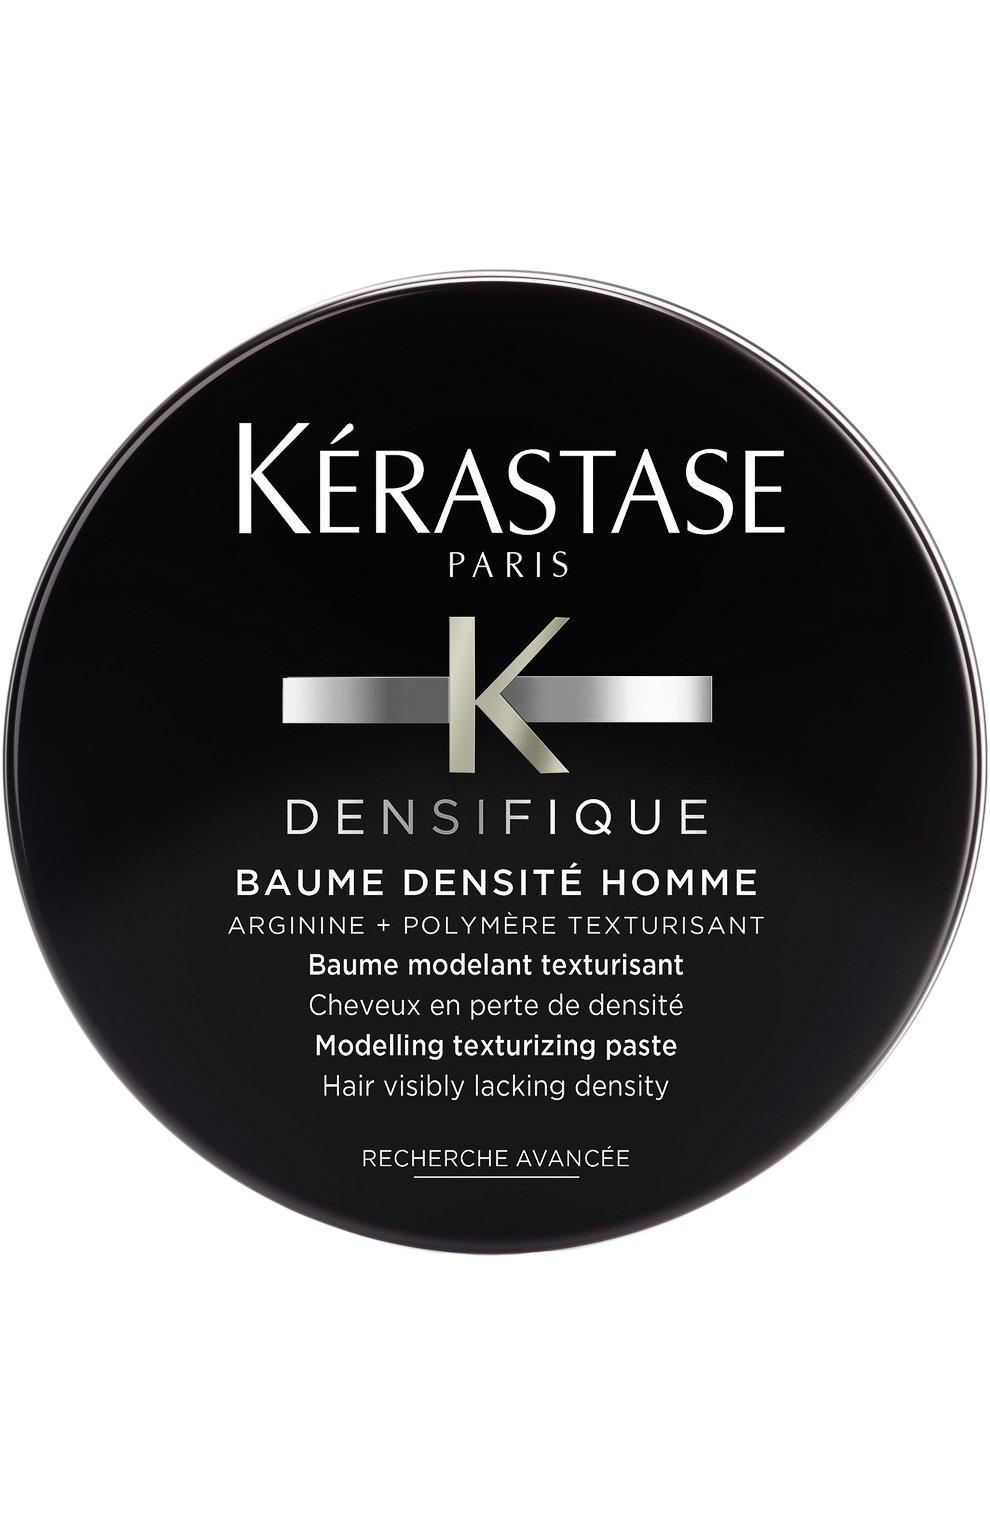 Мужского текстурирующая паста densifique densite м (75ml) KERASTASE бесцветного цвета, арт. 3474636382613 | Фото 1 (Статус проверки: Проверена категория)